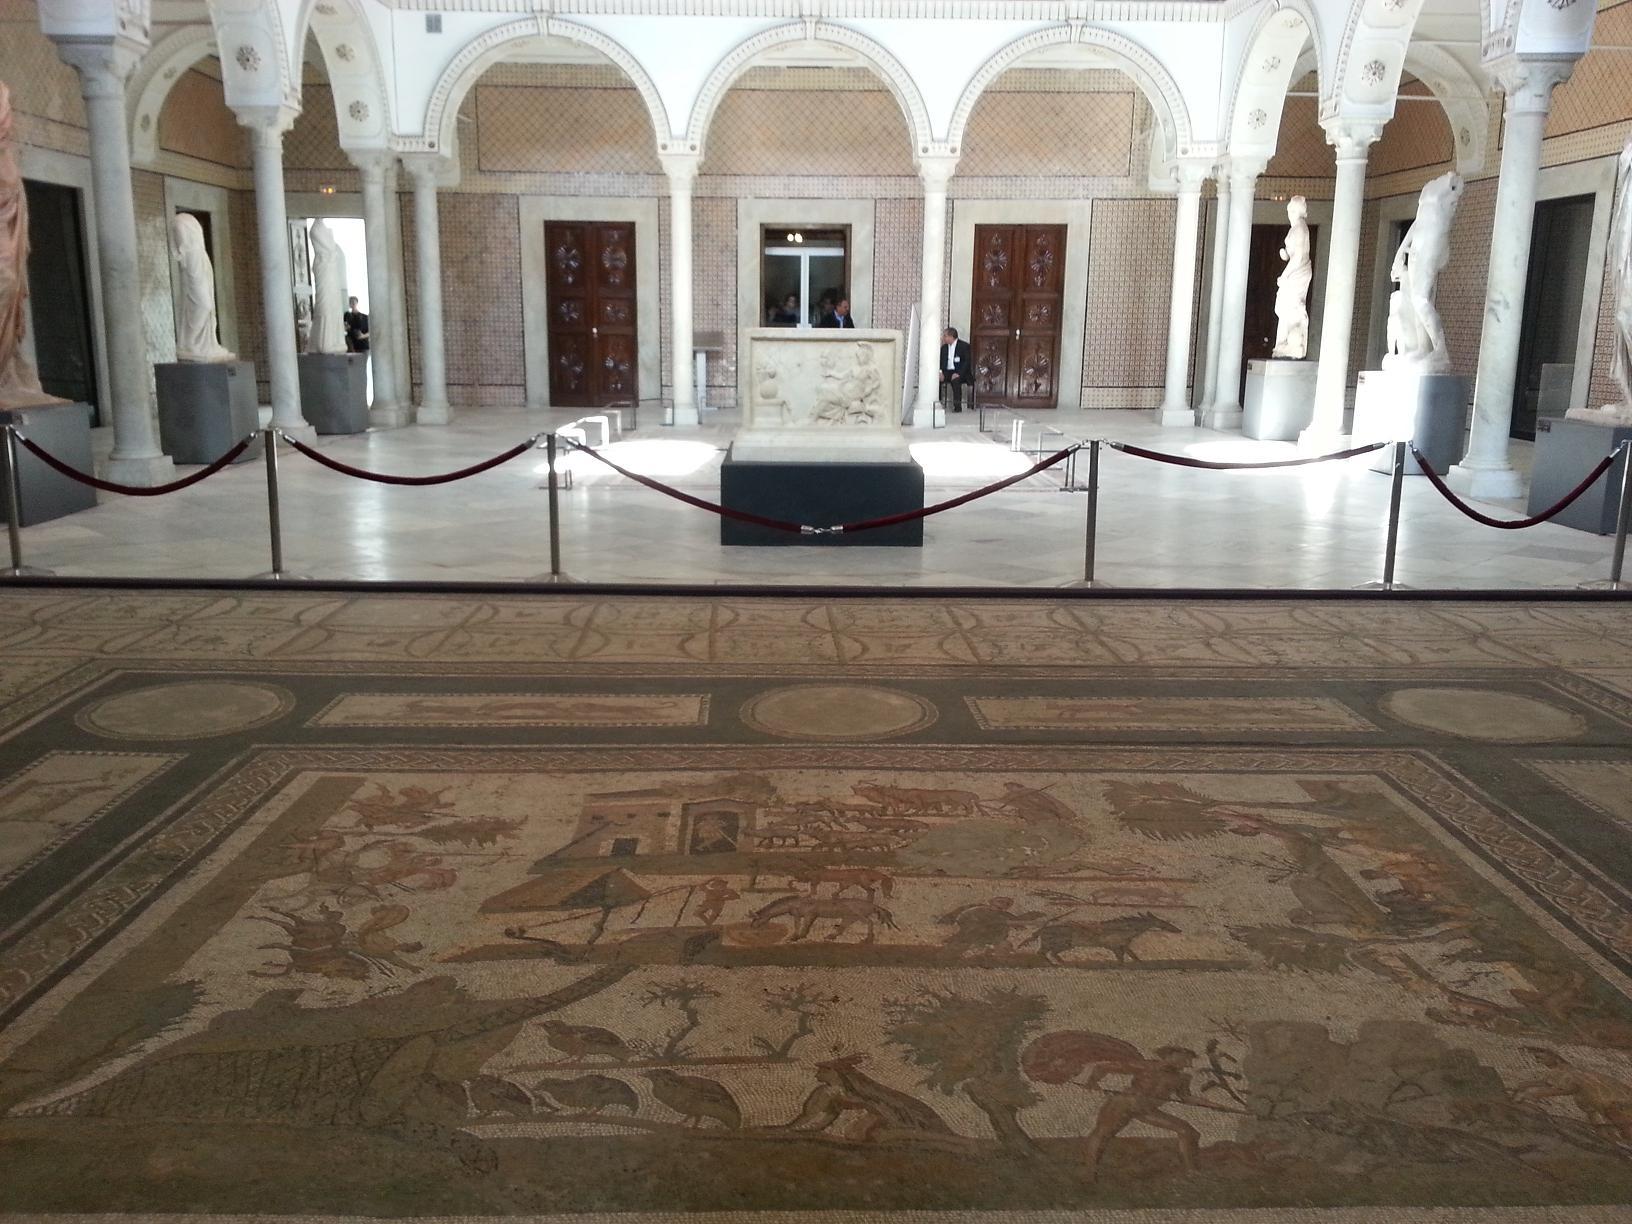 Le musée national du Bardo est un joyau du patrimoine Tunisien. Logé dans un ancien palais beylical du XIXème siècle, il retrace à travers ses collections une grande partie de l'histoire de la Tunisie (de la préhistoire à l'époque contemporaine), et renferme la plus grande collection de mosaïques au monde. Photo ONTT.